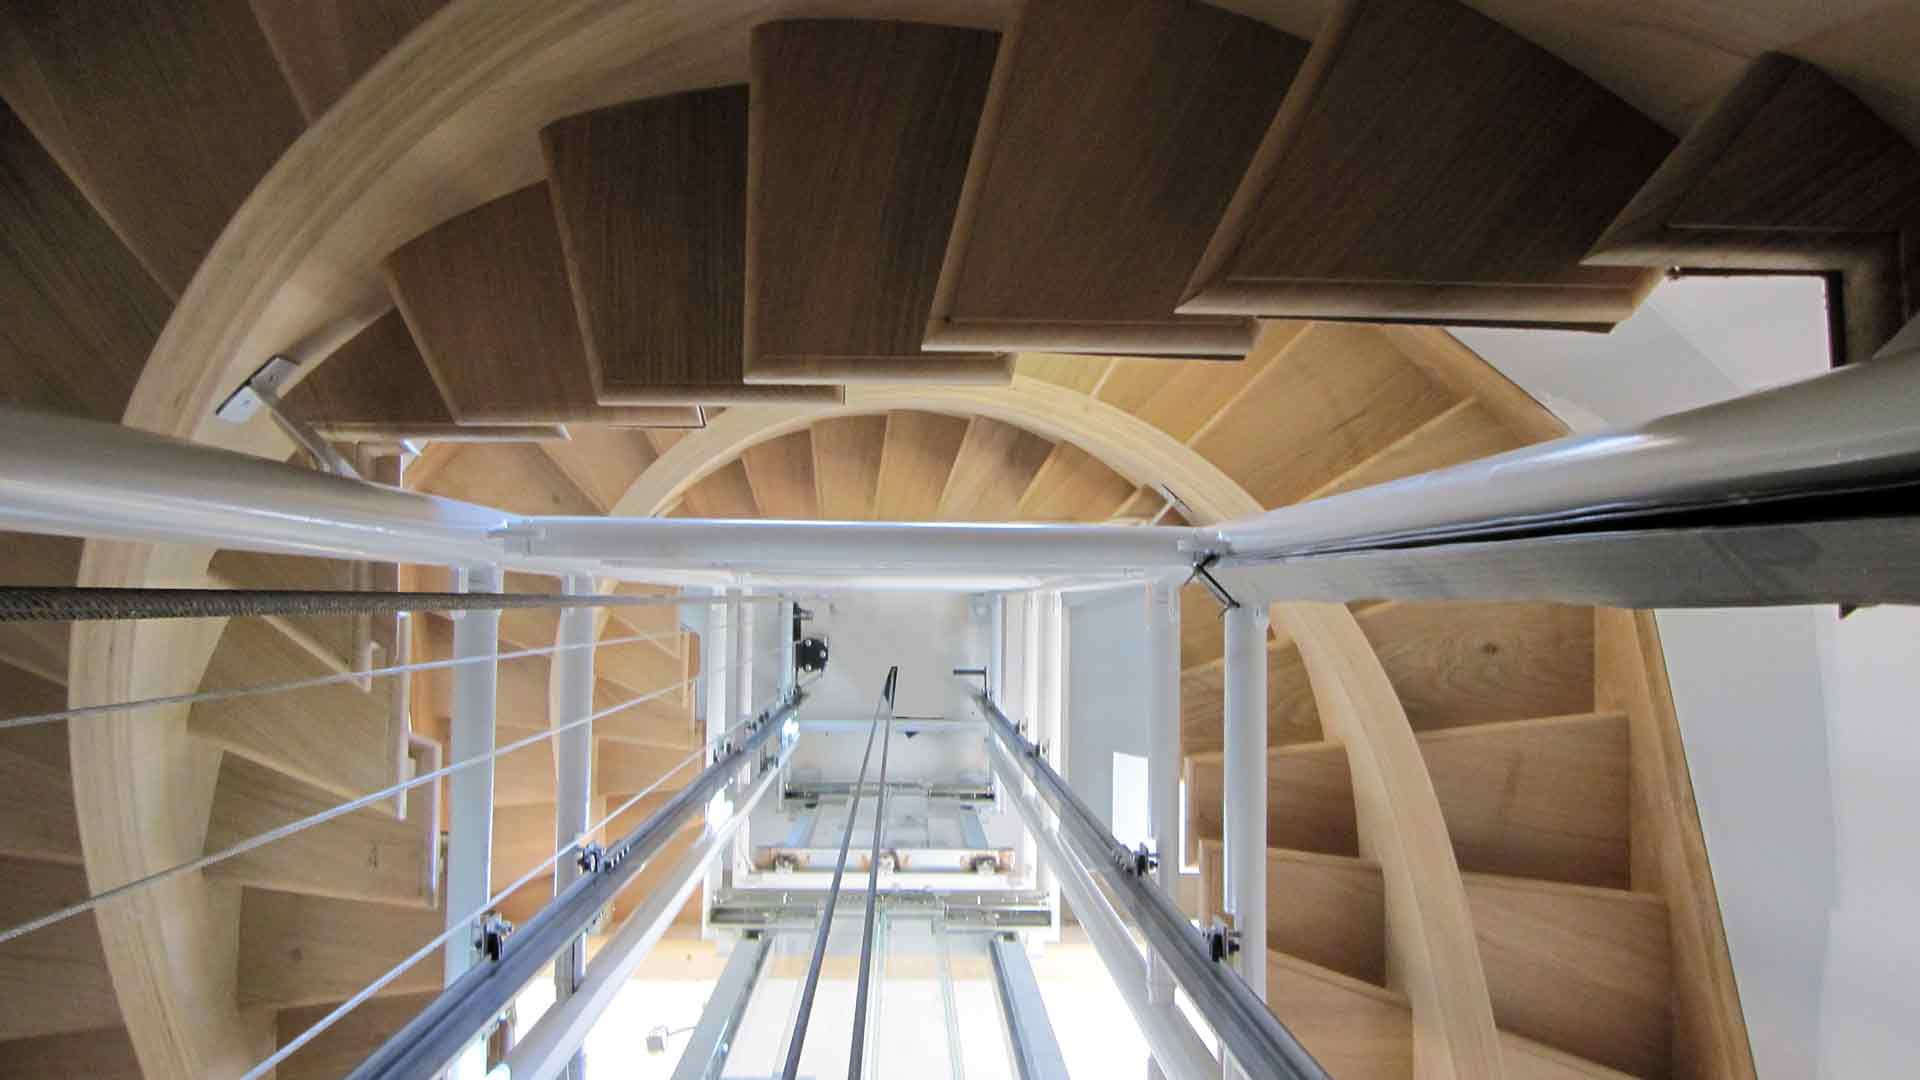 Escalier Val D Oise menuiserie et charpentes moro et fils val d'oise 95 rge qualibat